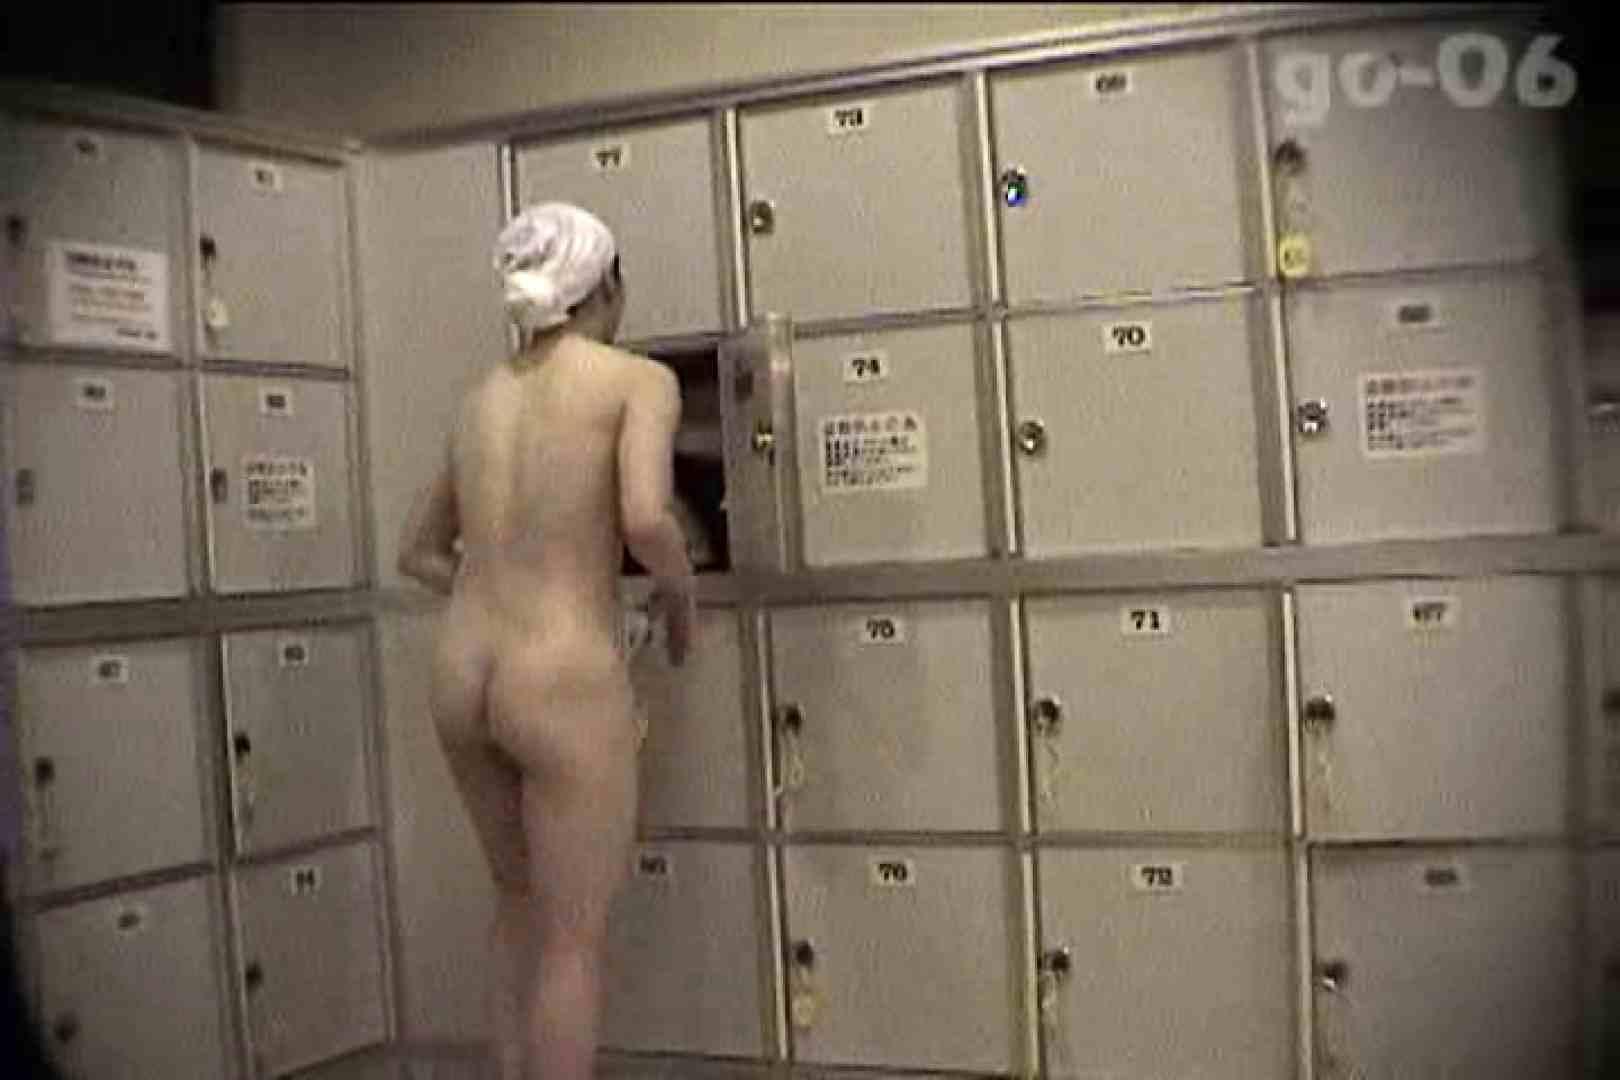 電波カメラ設置浴場からの防HAN映像 Vol.06 エッチなお姉さん おめこ無修正動画無料 106画像 75